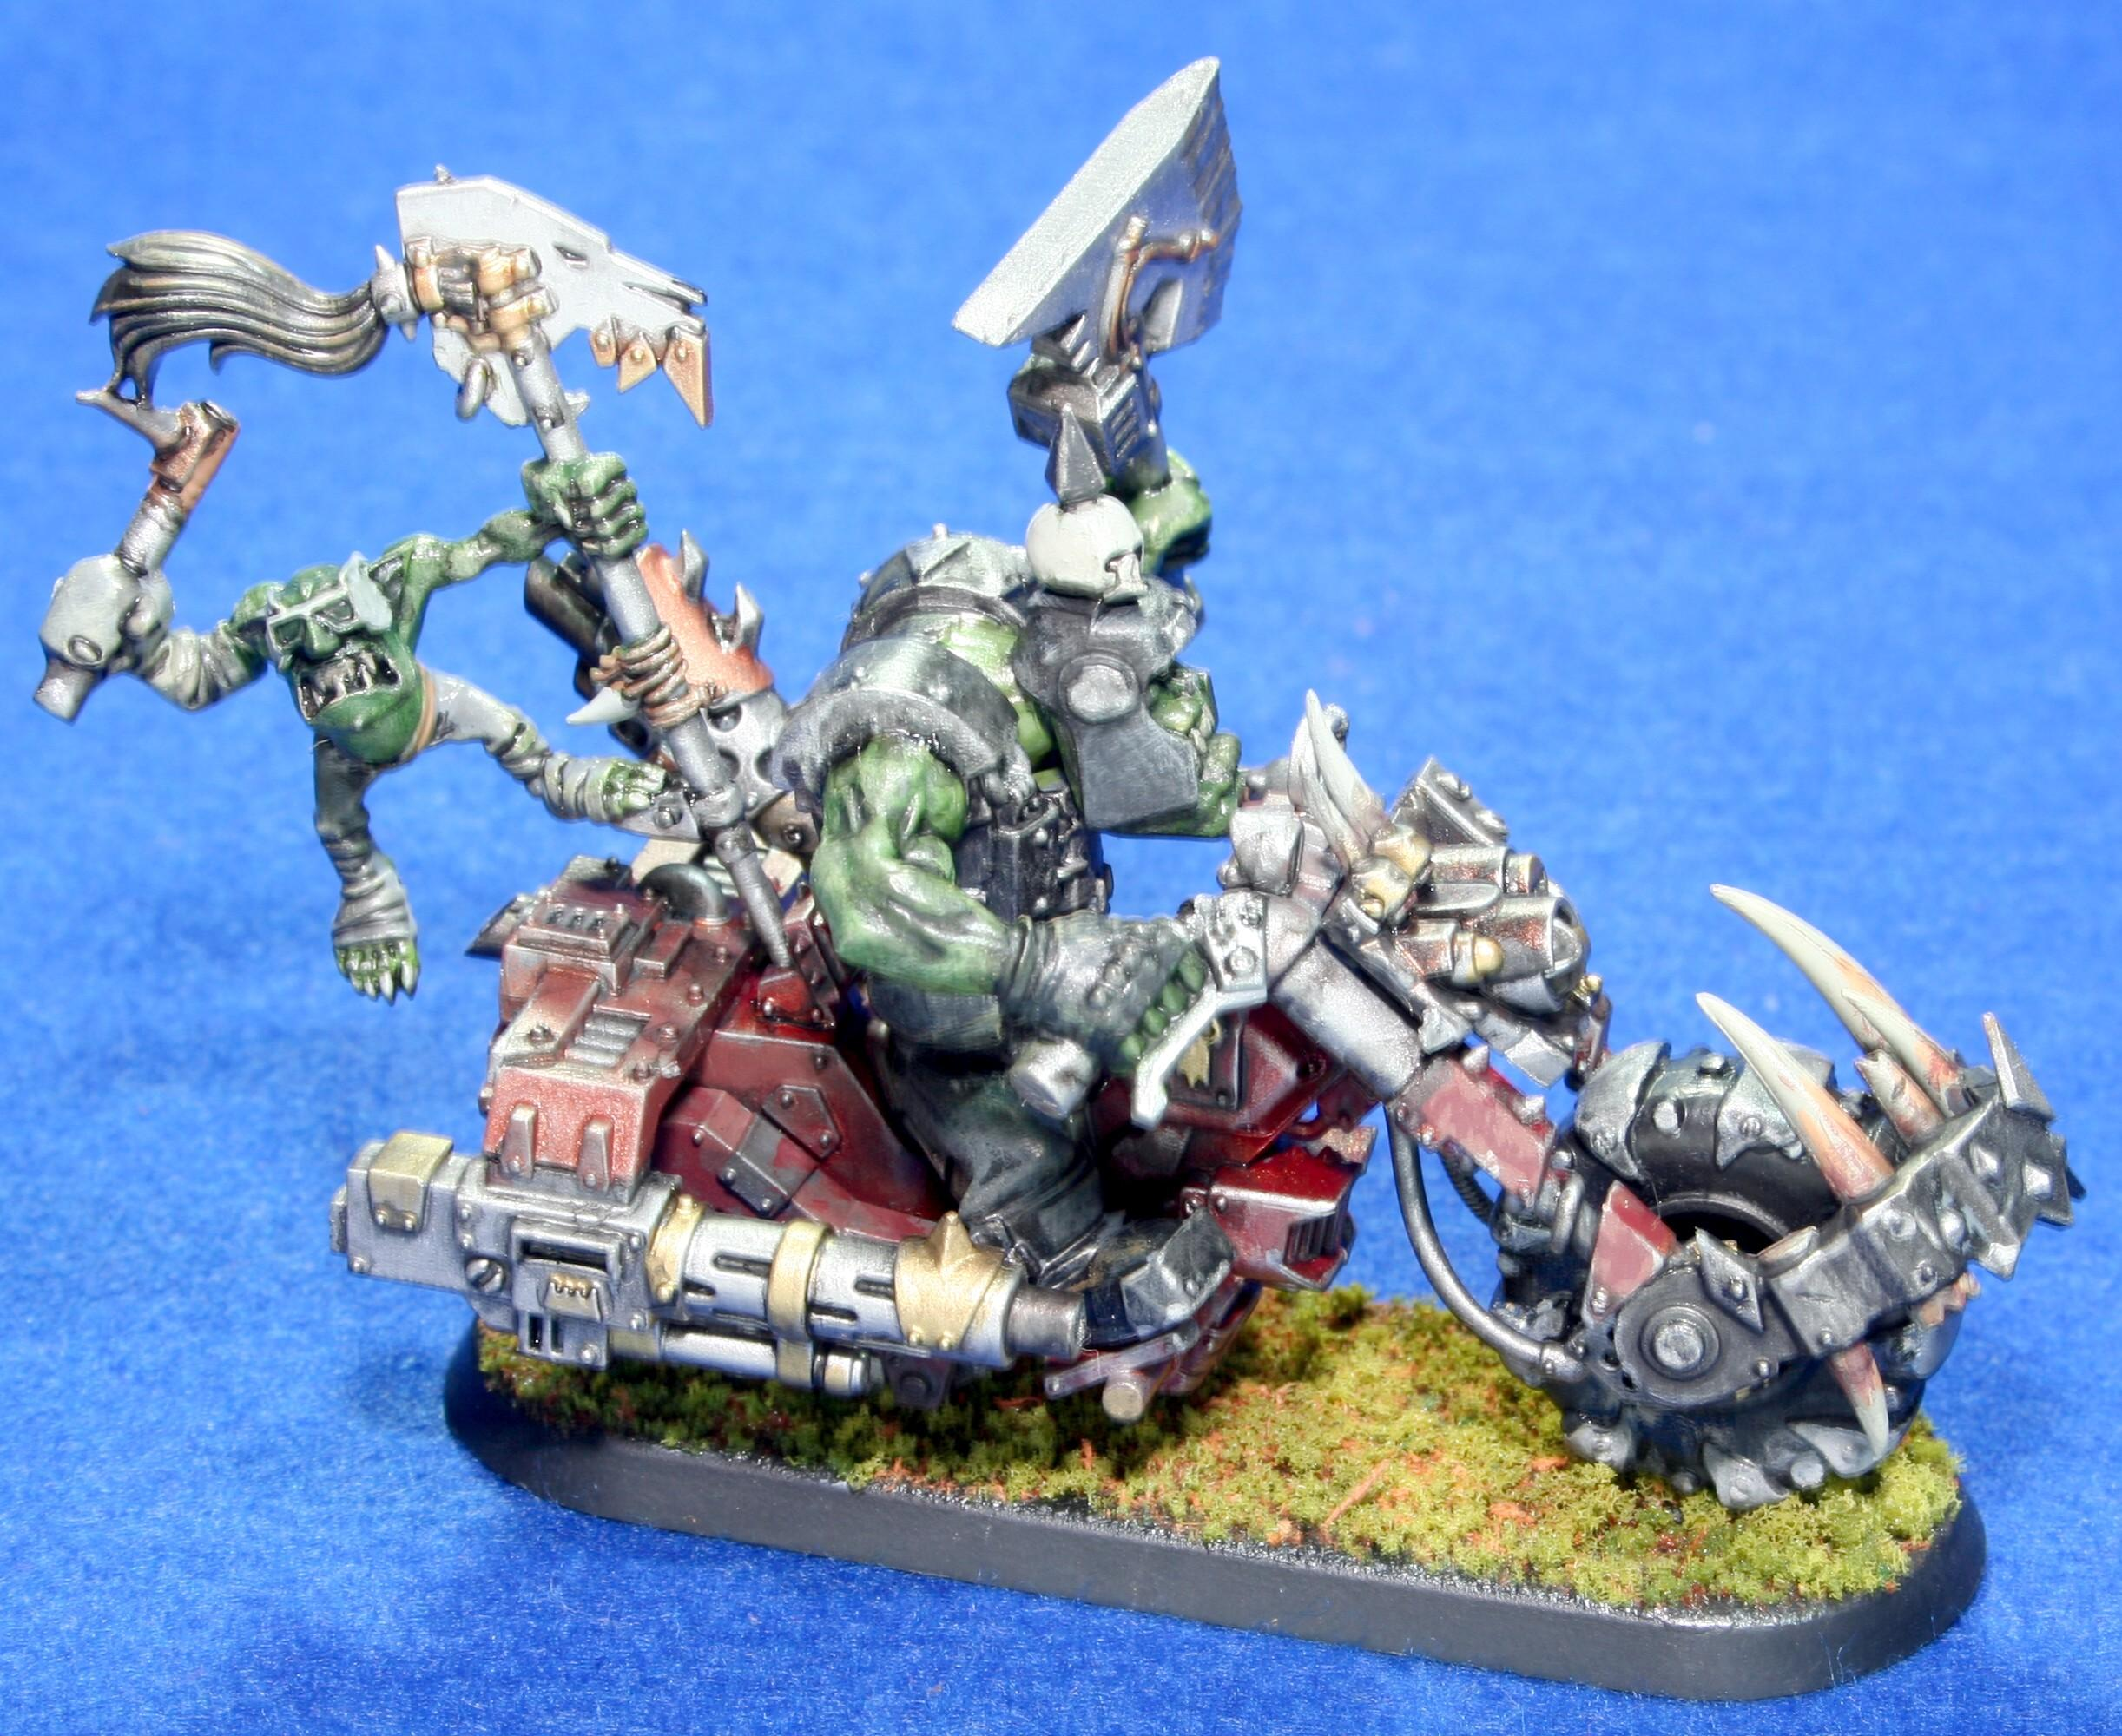 Bike, Orks, Warhammer 40,000